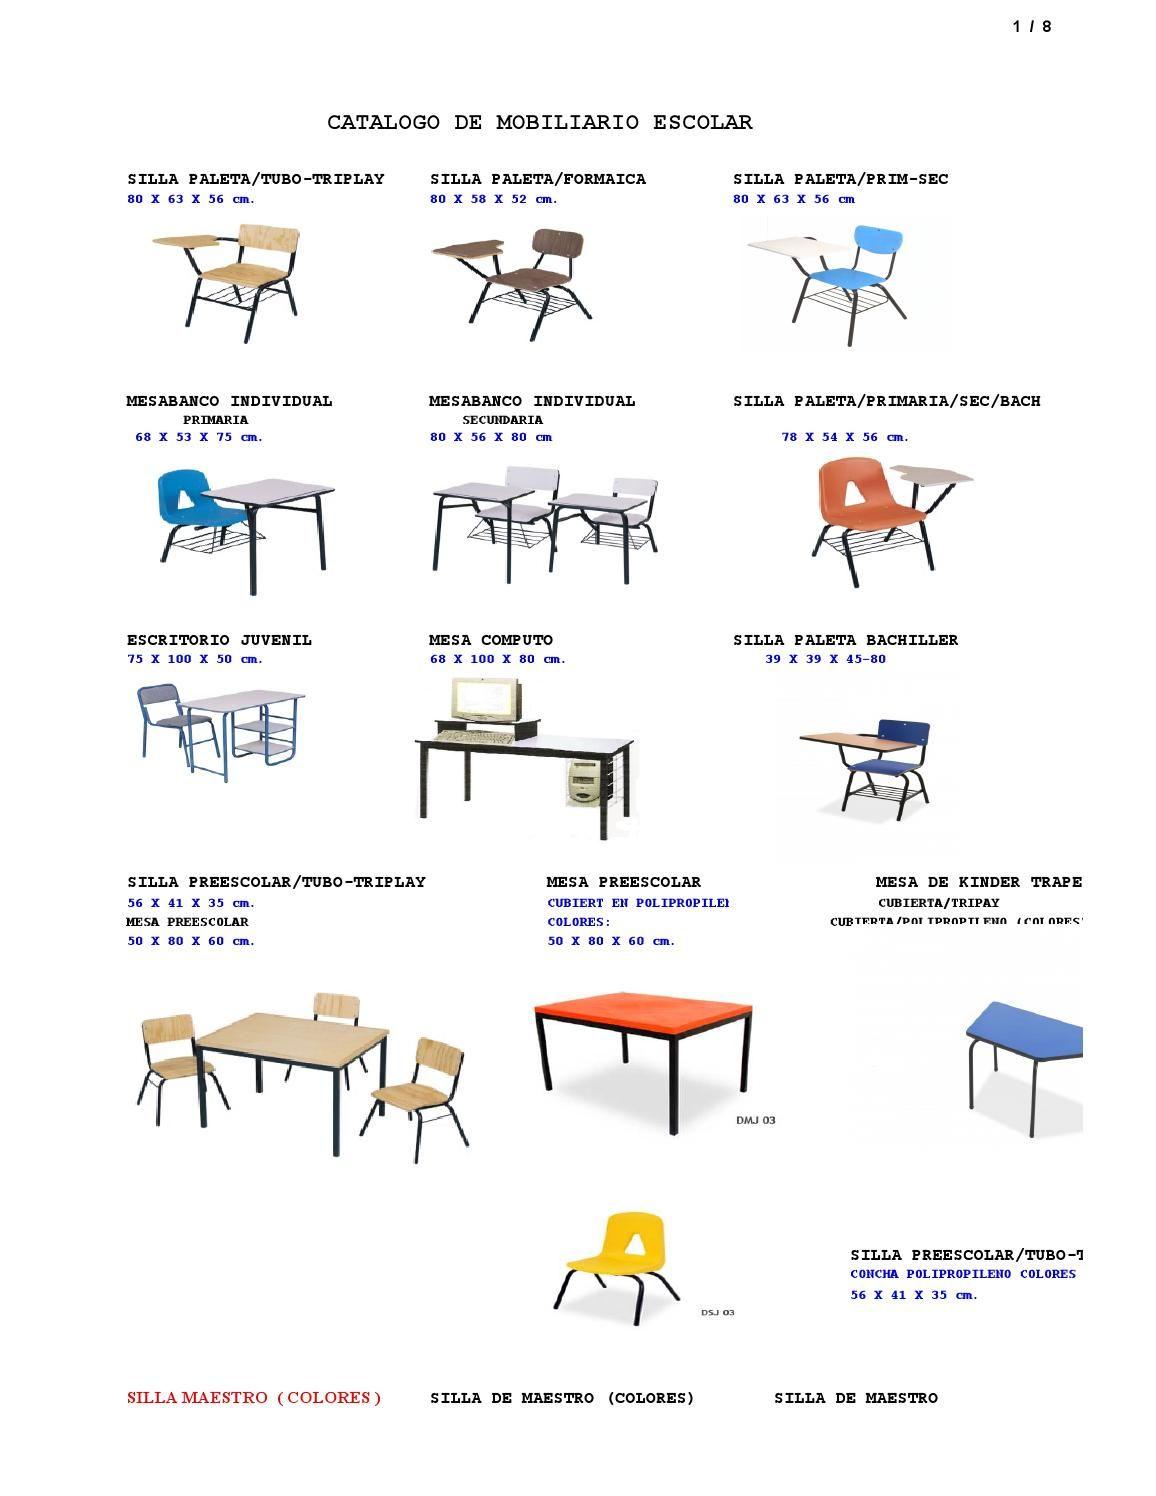 Catalogo de mobiliario imagenes mobiliario | Medidas | Pinterest